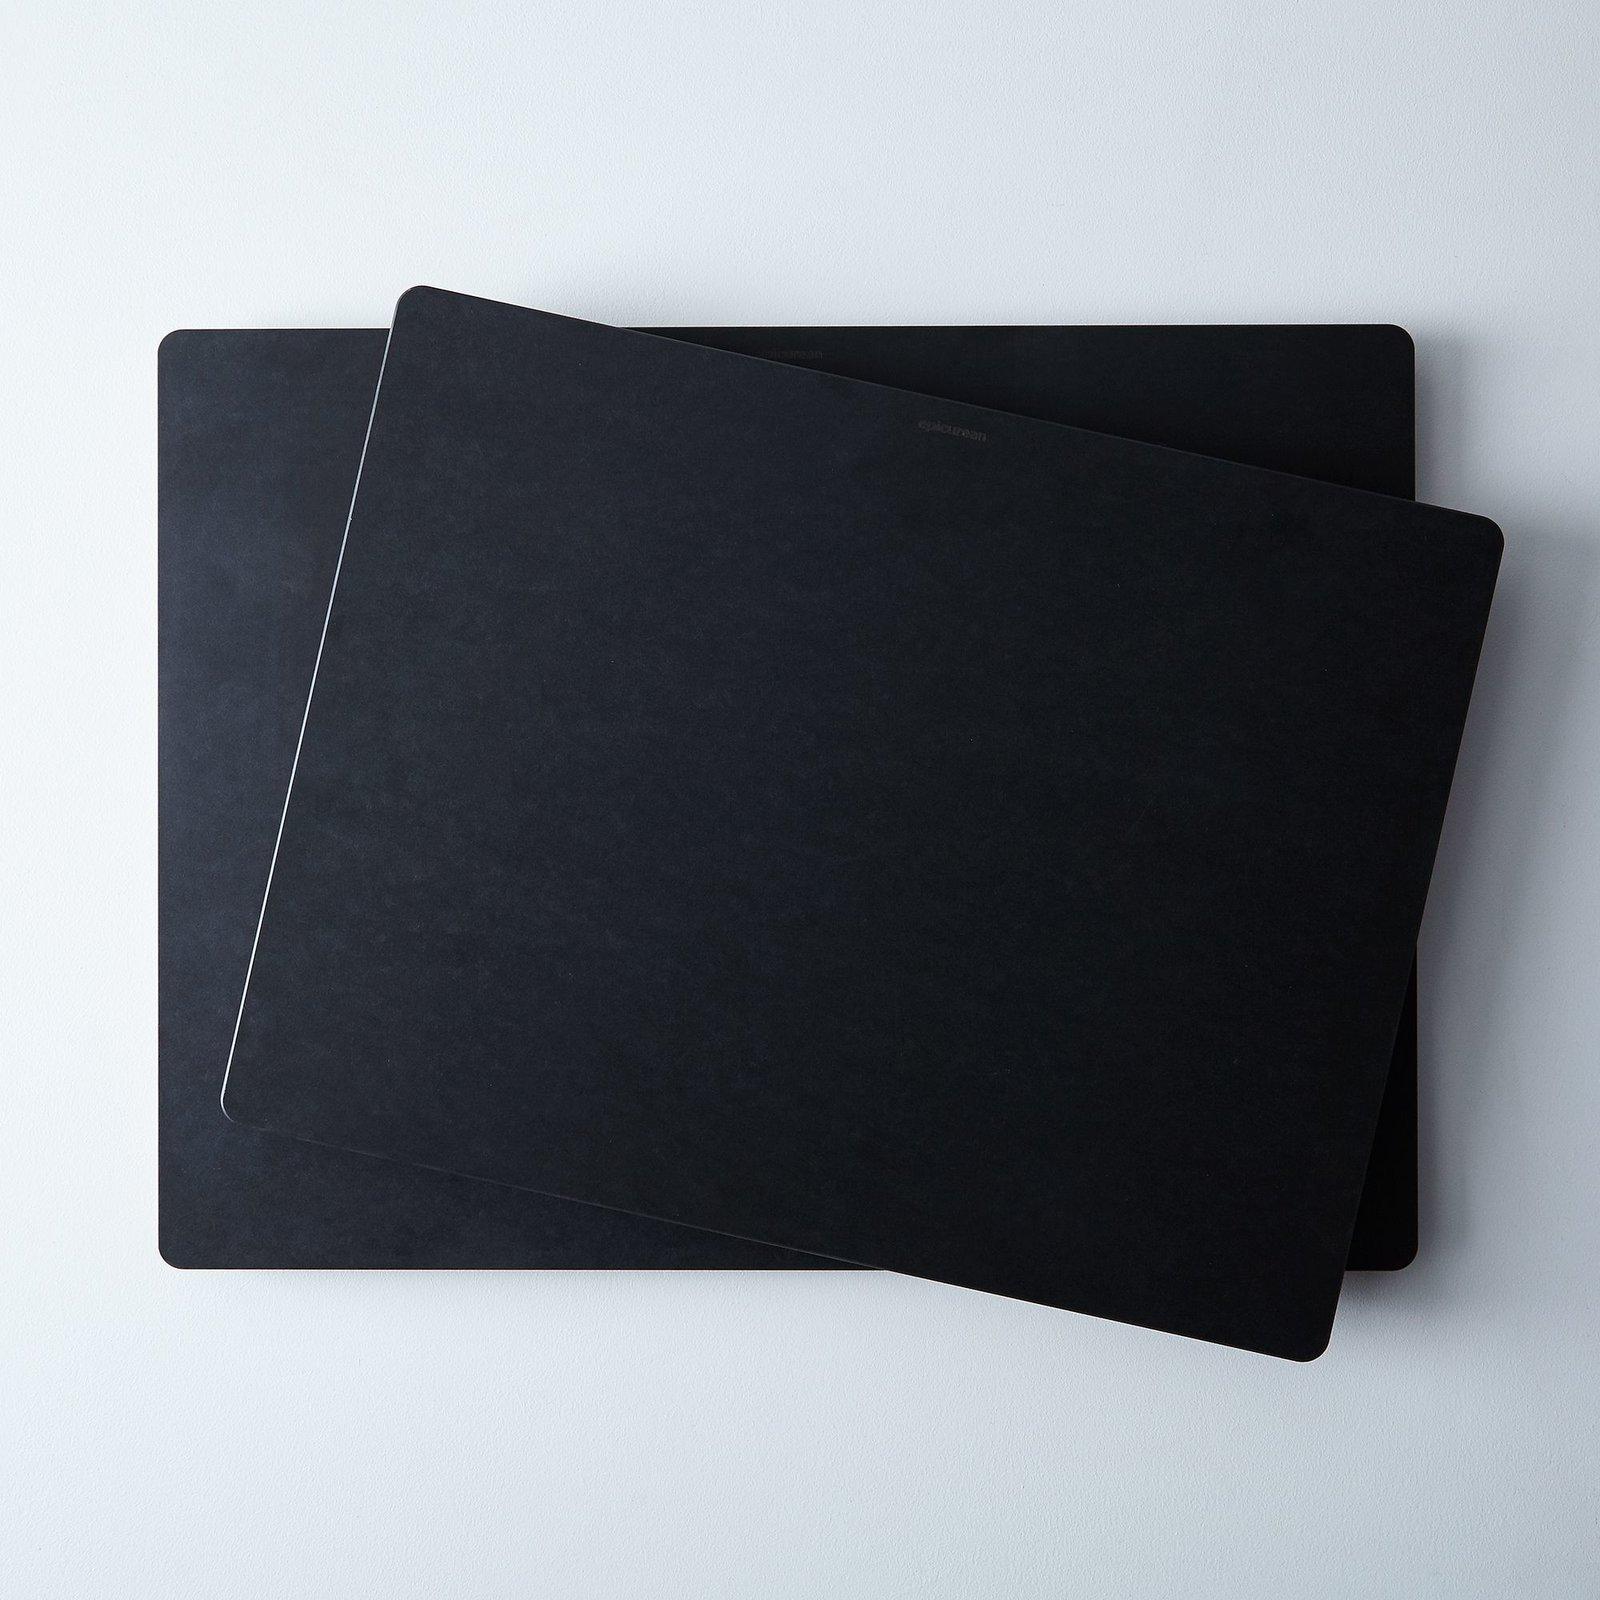 Epicurean Matte Black Natural Fiber Cutting Board